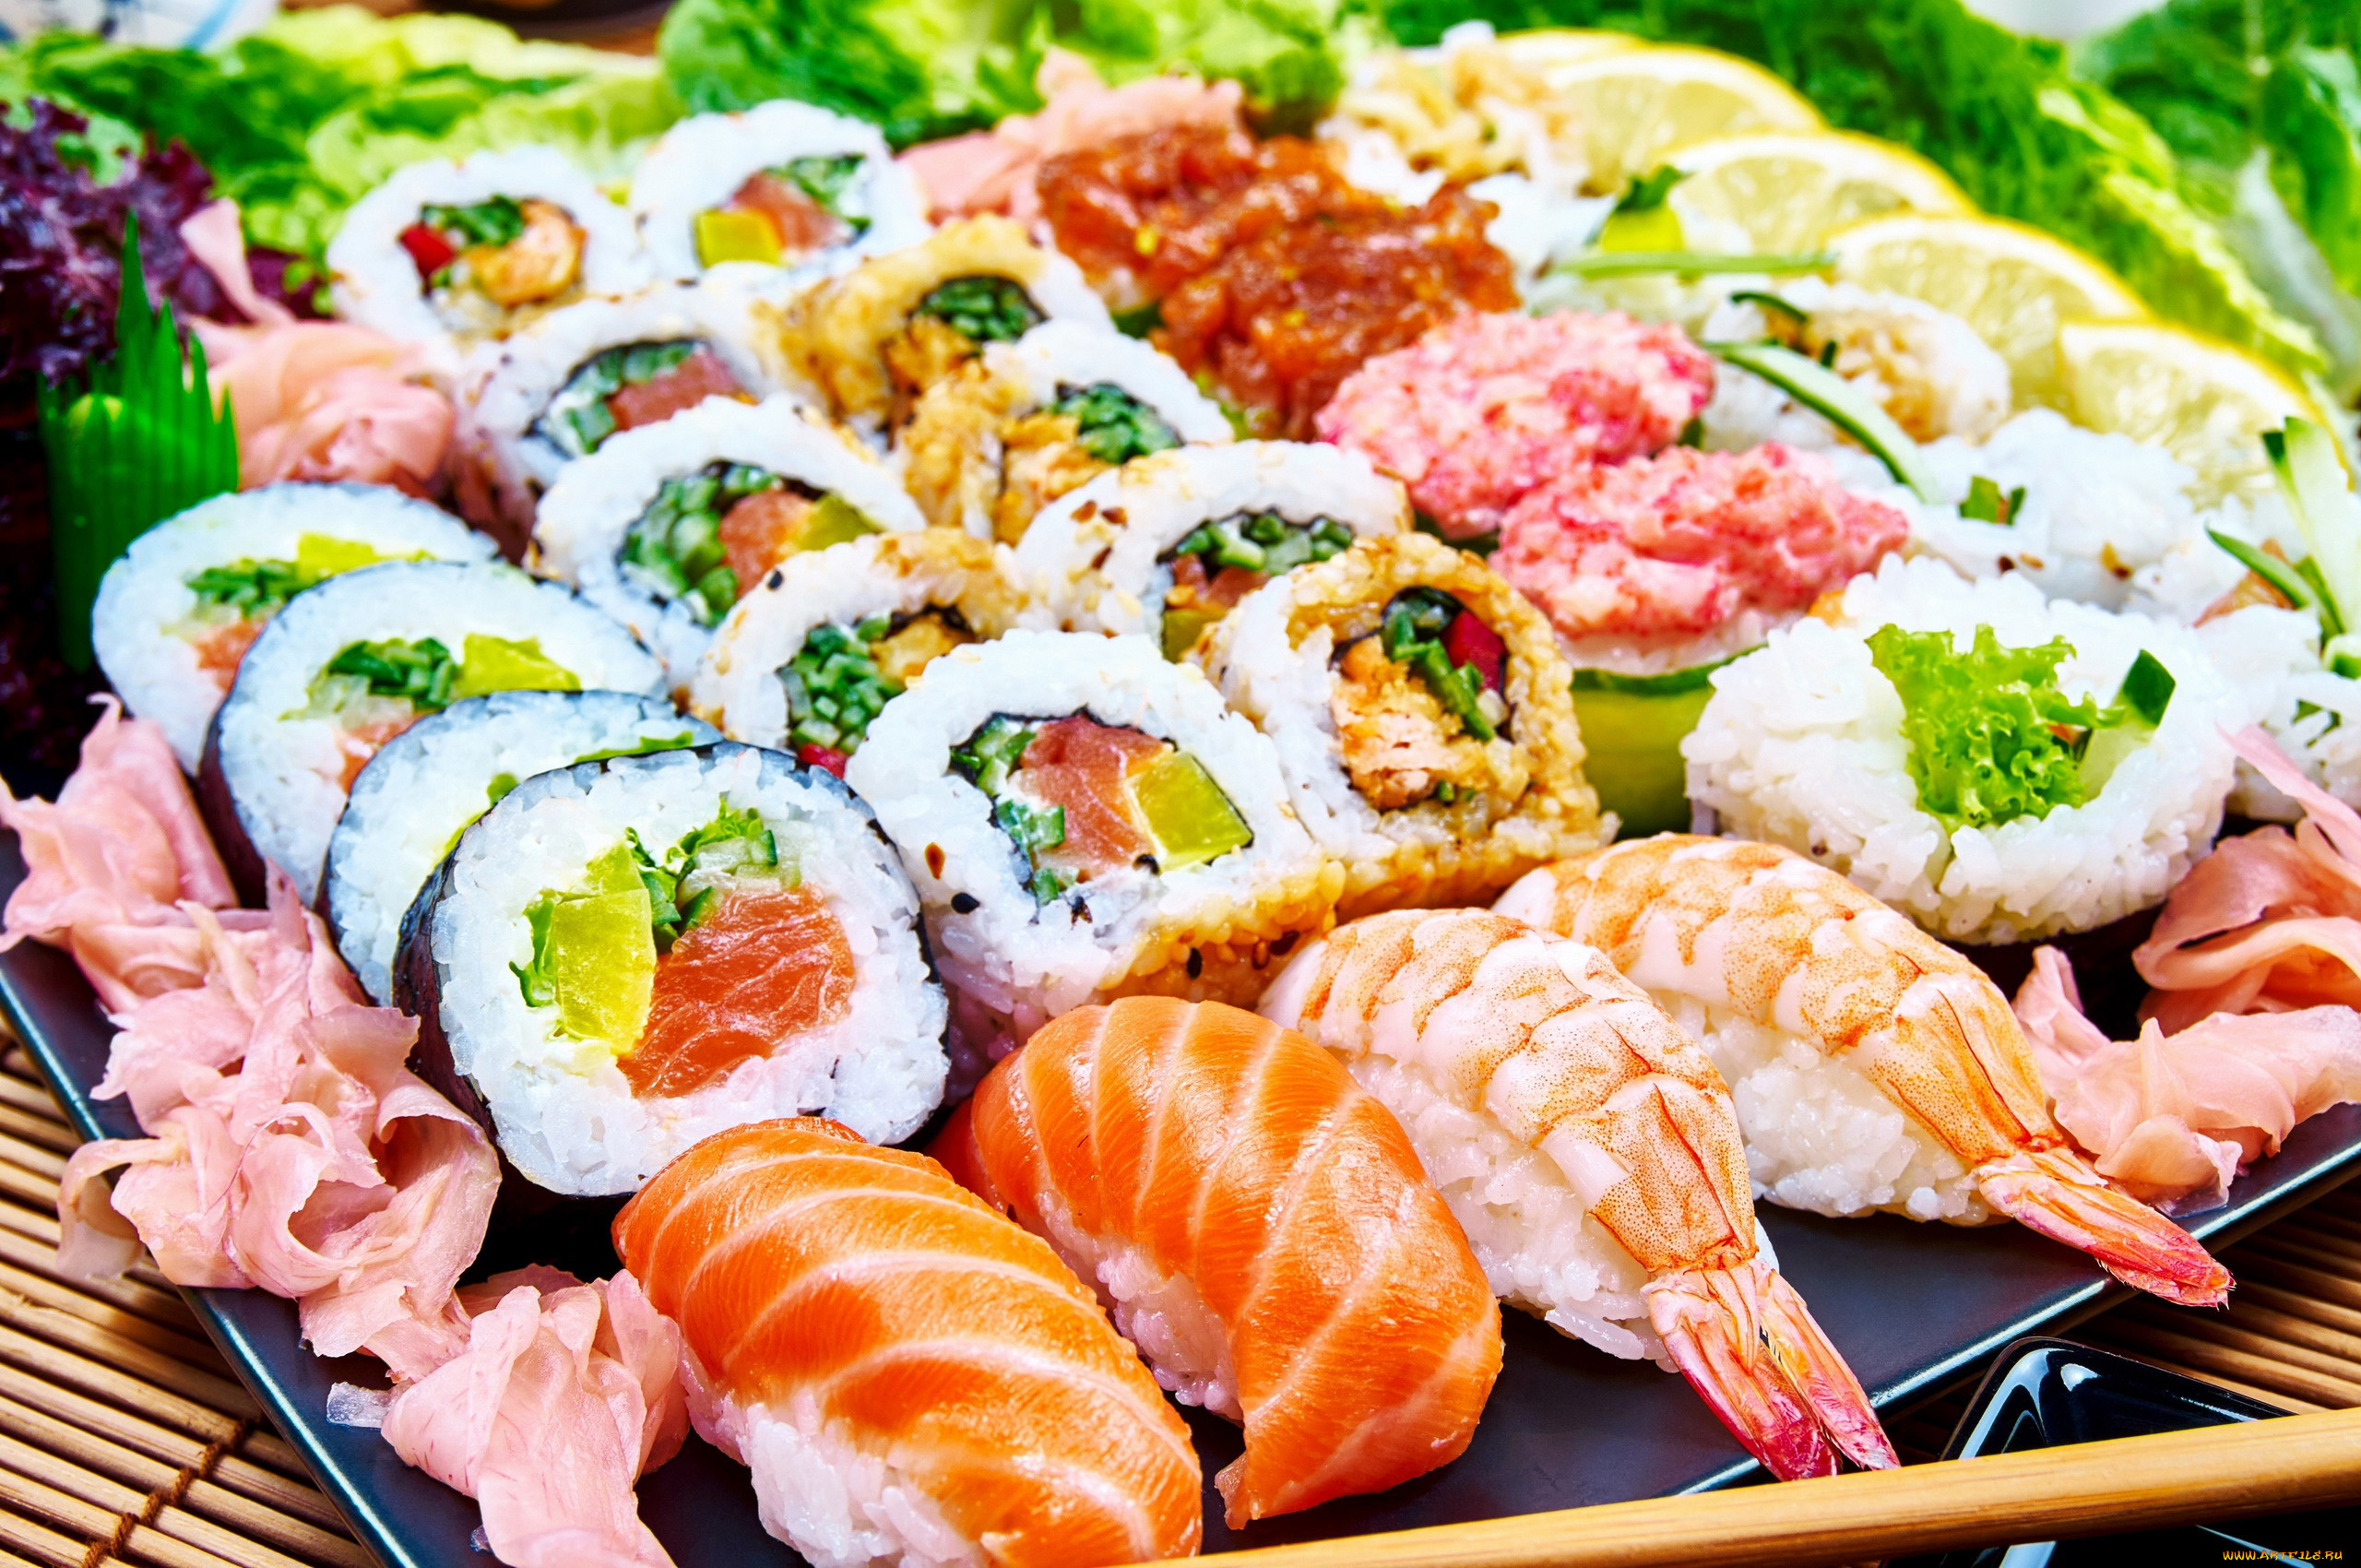 почему японская кухня с картинками нажатии кнопку включения